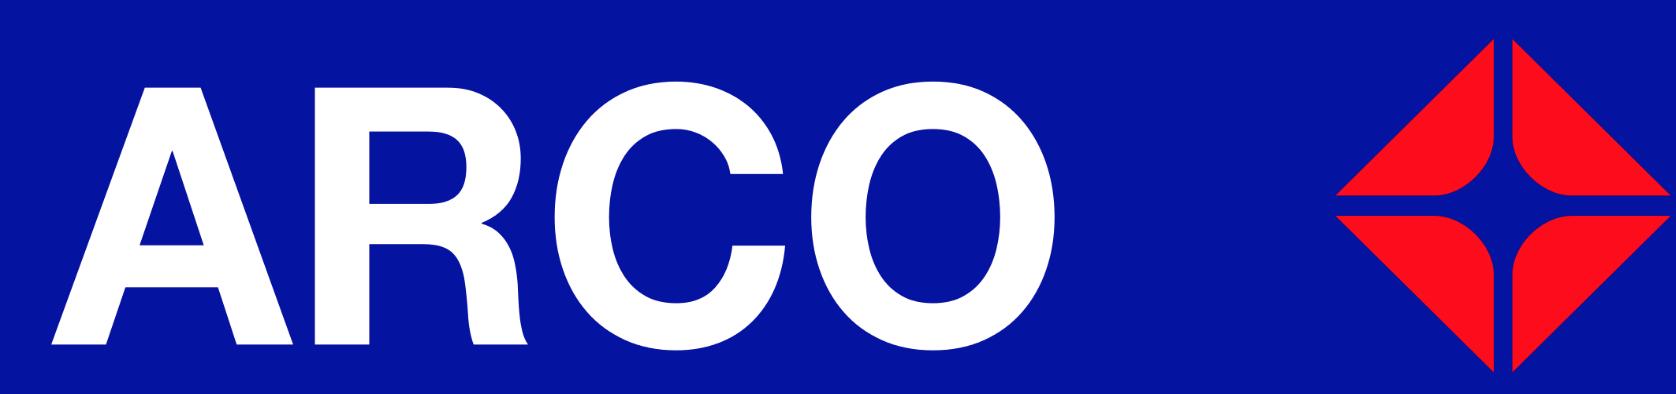 Startkapitaal Friends of the Earth kwam van Arco Oliemaatschappij. ARCO zit ook achter HAARP